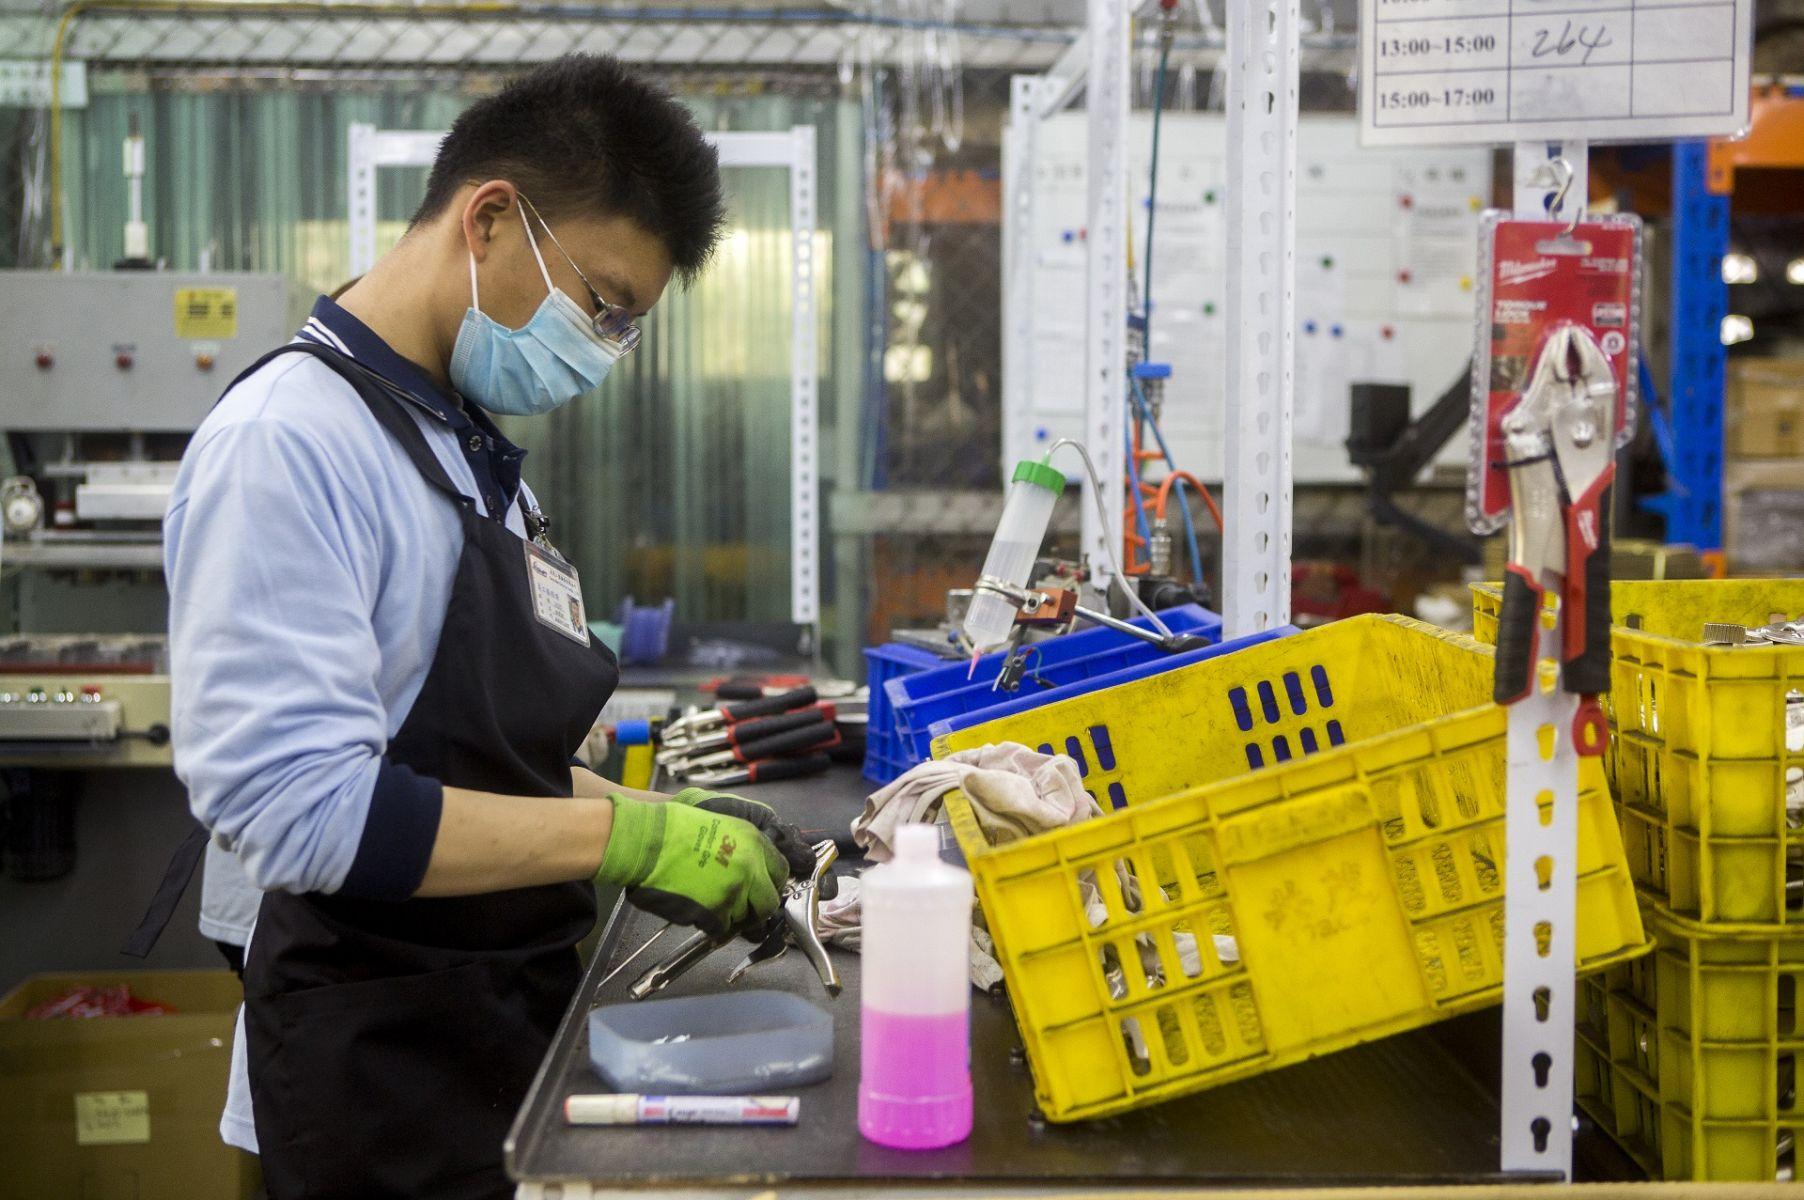 符合勞基法就好 學者直指台灣雇主心態太消極